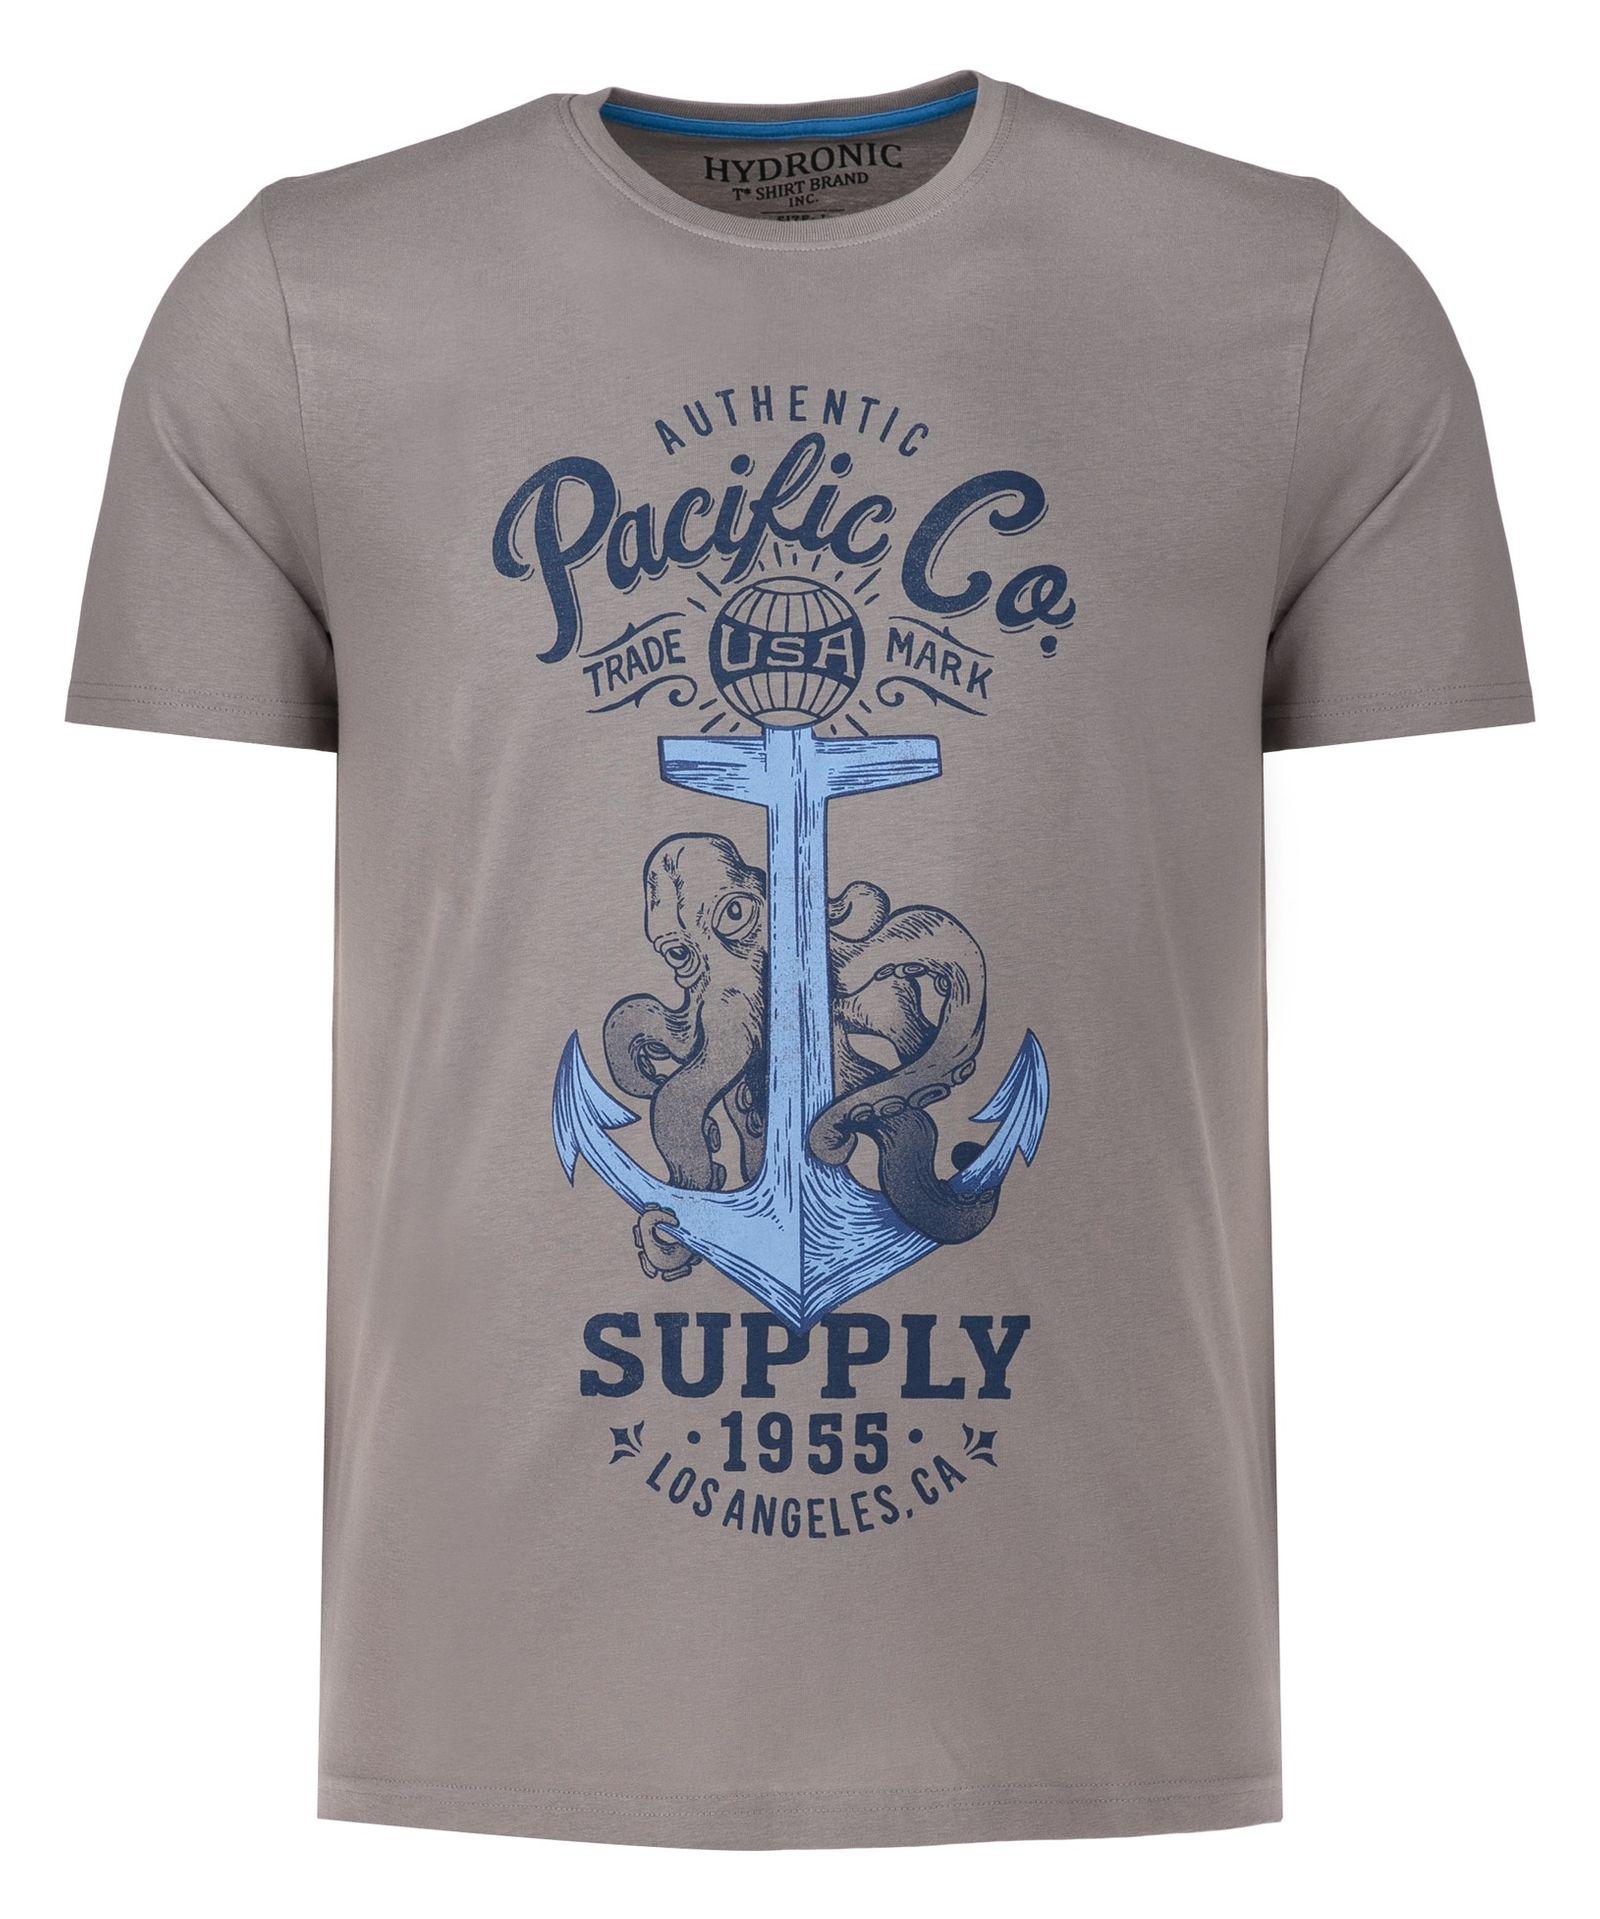 تی شرت مردانه یوپیم مدل 5126642 -  - 1